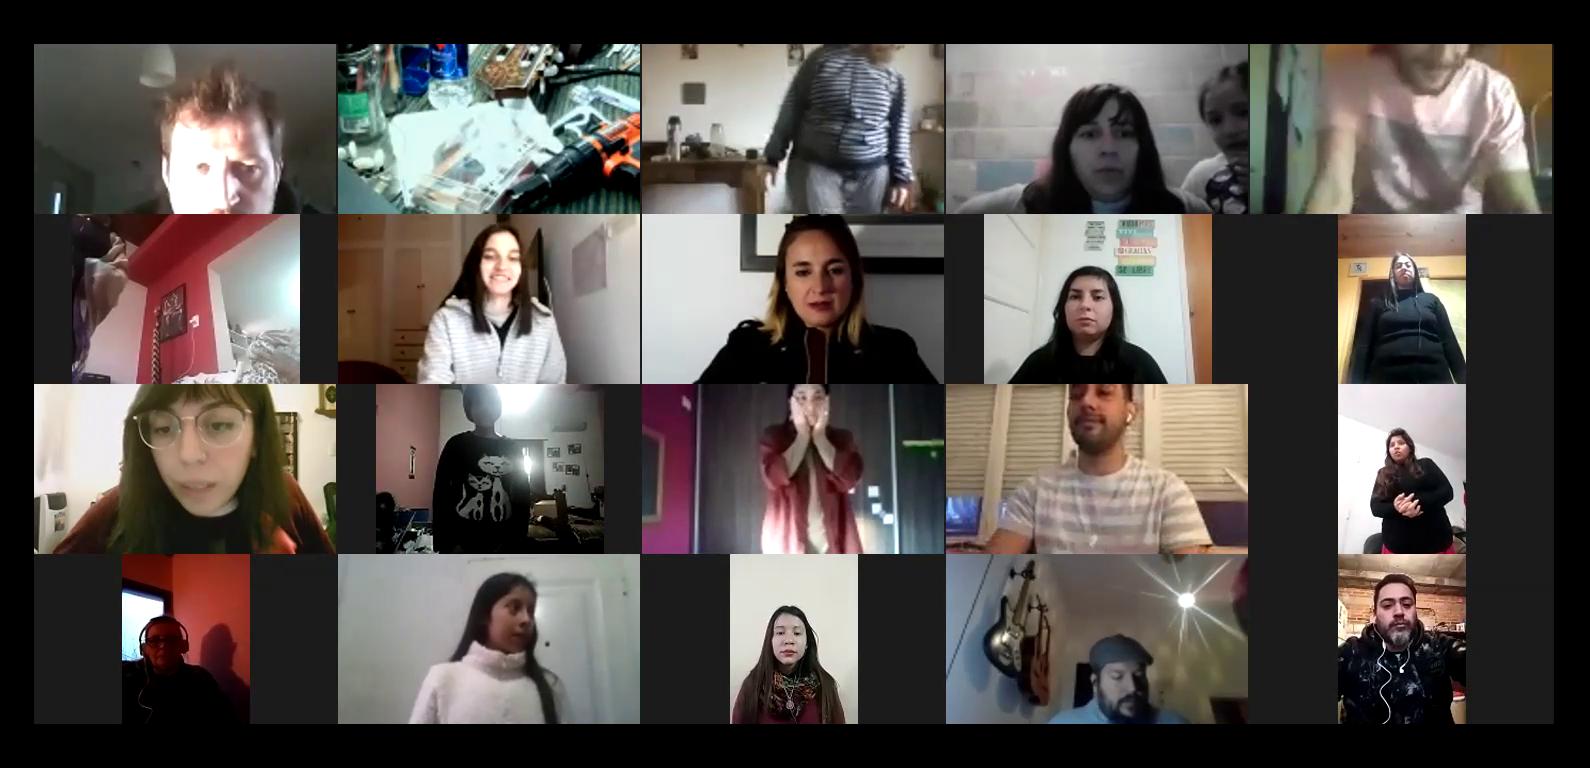 encuentros virtuales viviendo cultura estacion juarez celman gestion myrian prunotto